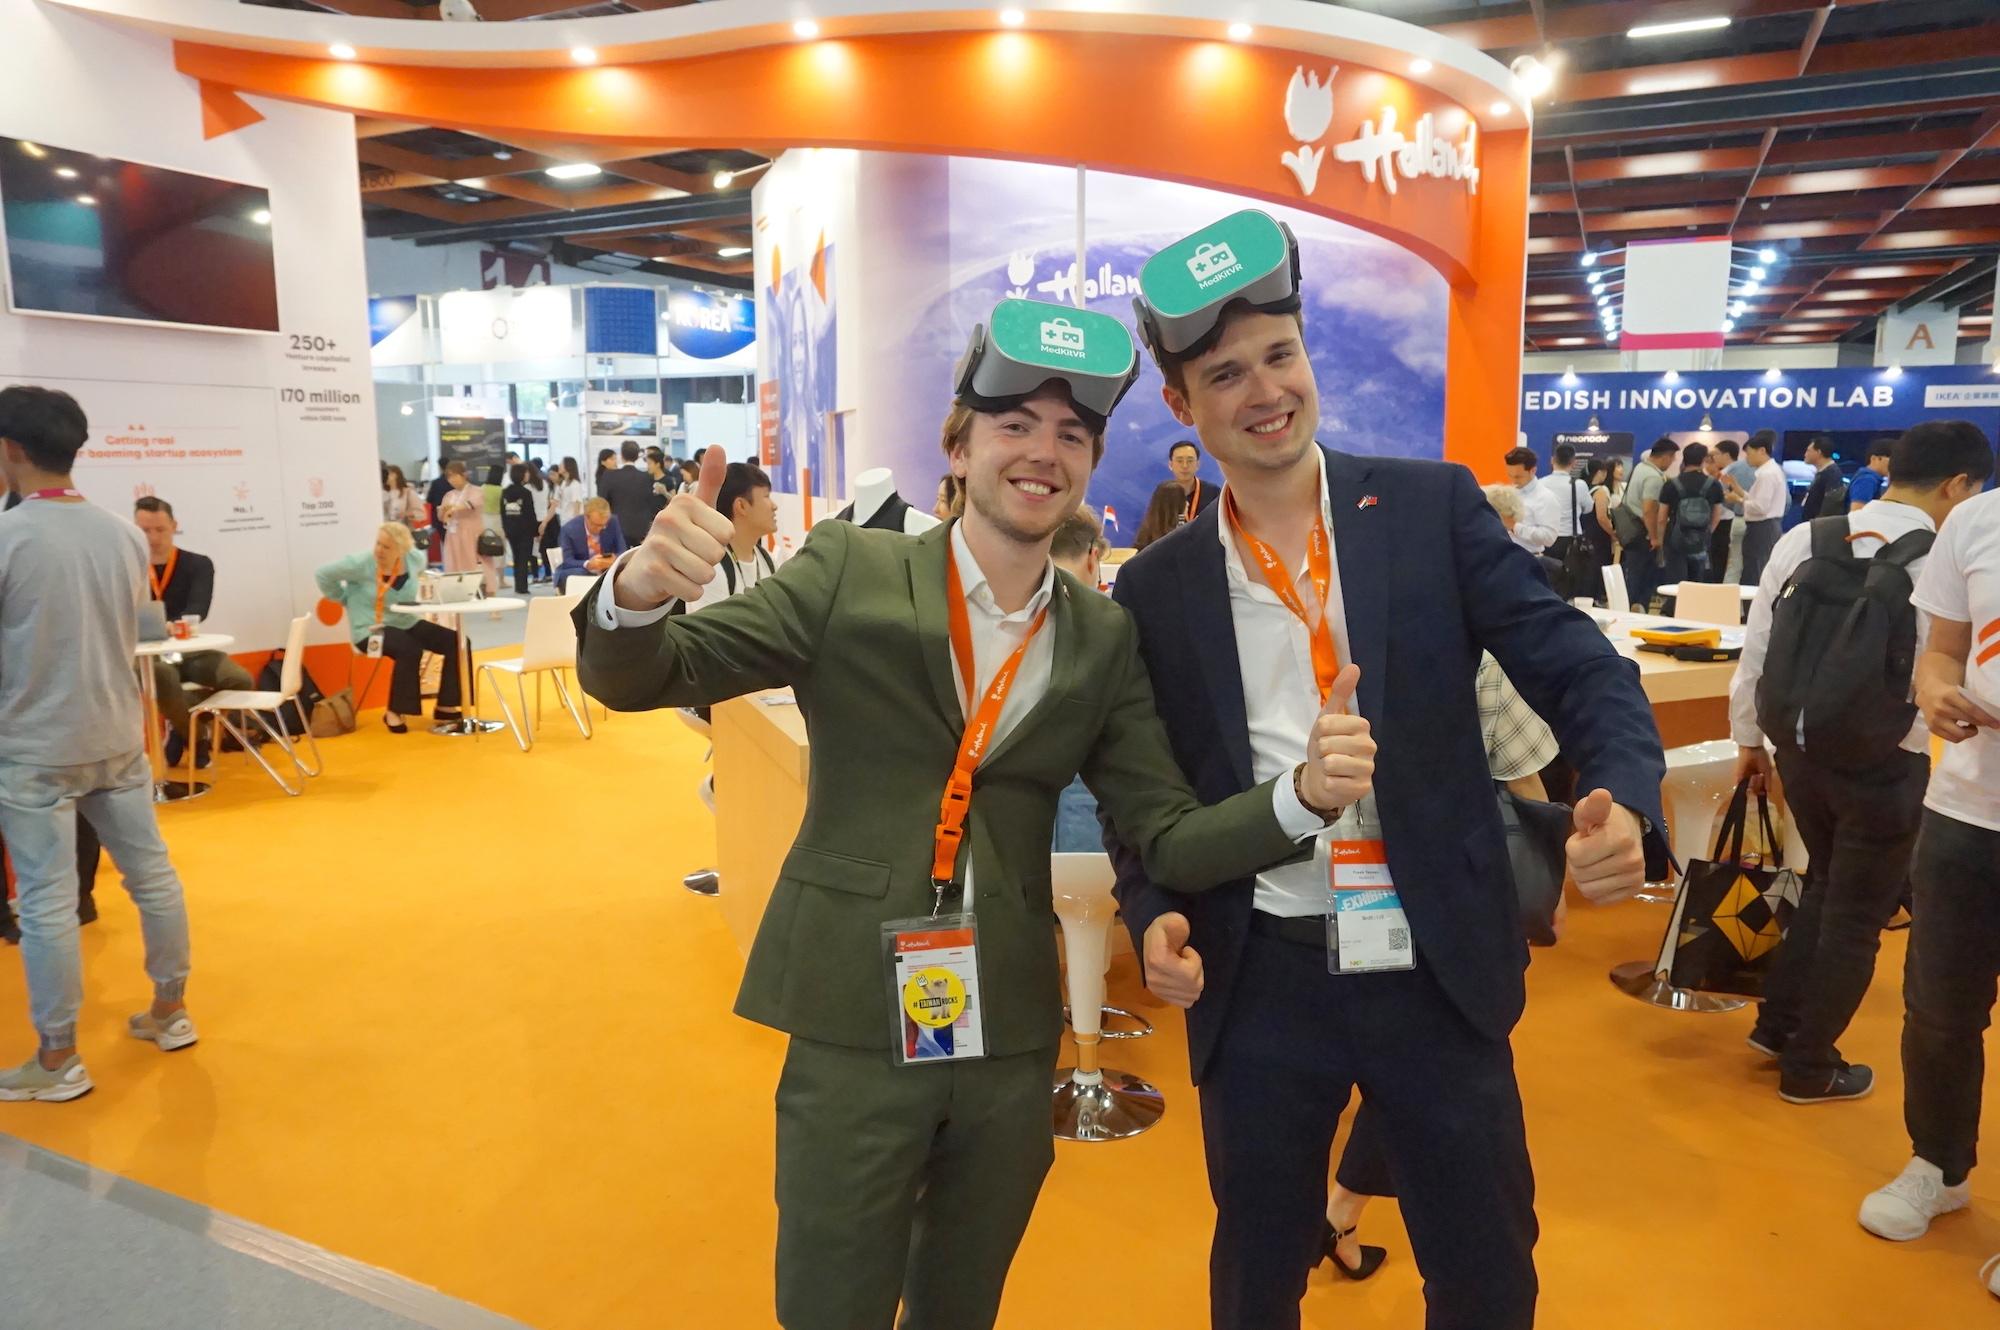 醫院變成遊樂場? 荷蘭新創公司MedKitVR用VR為病患解憂愁